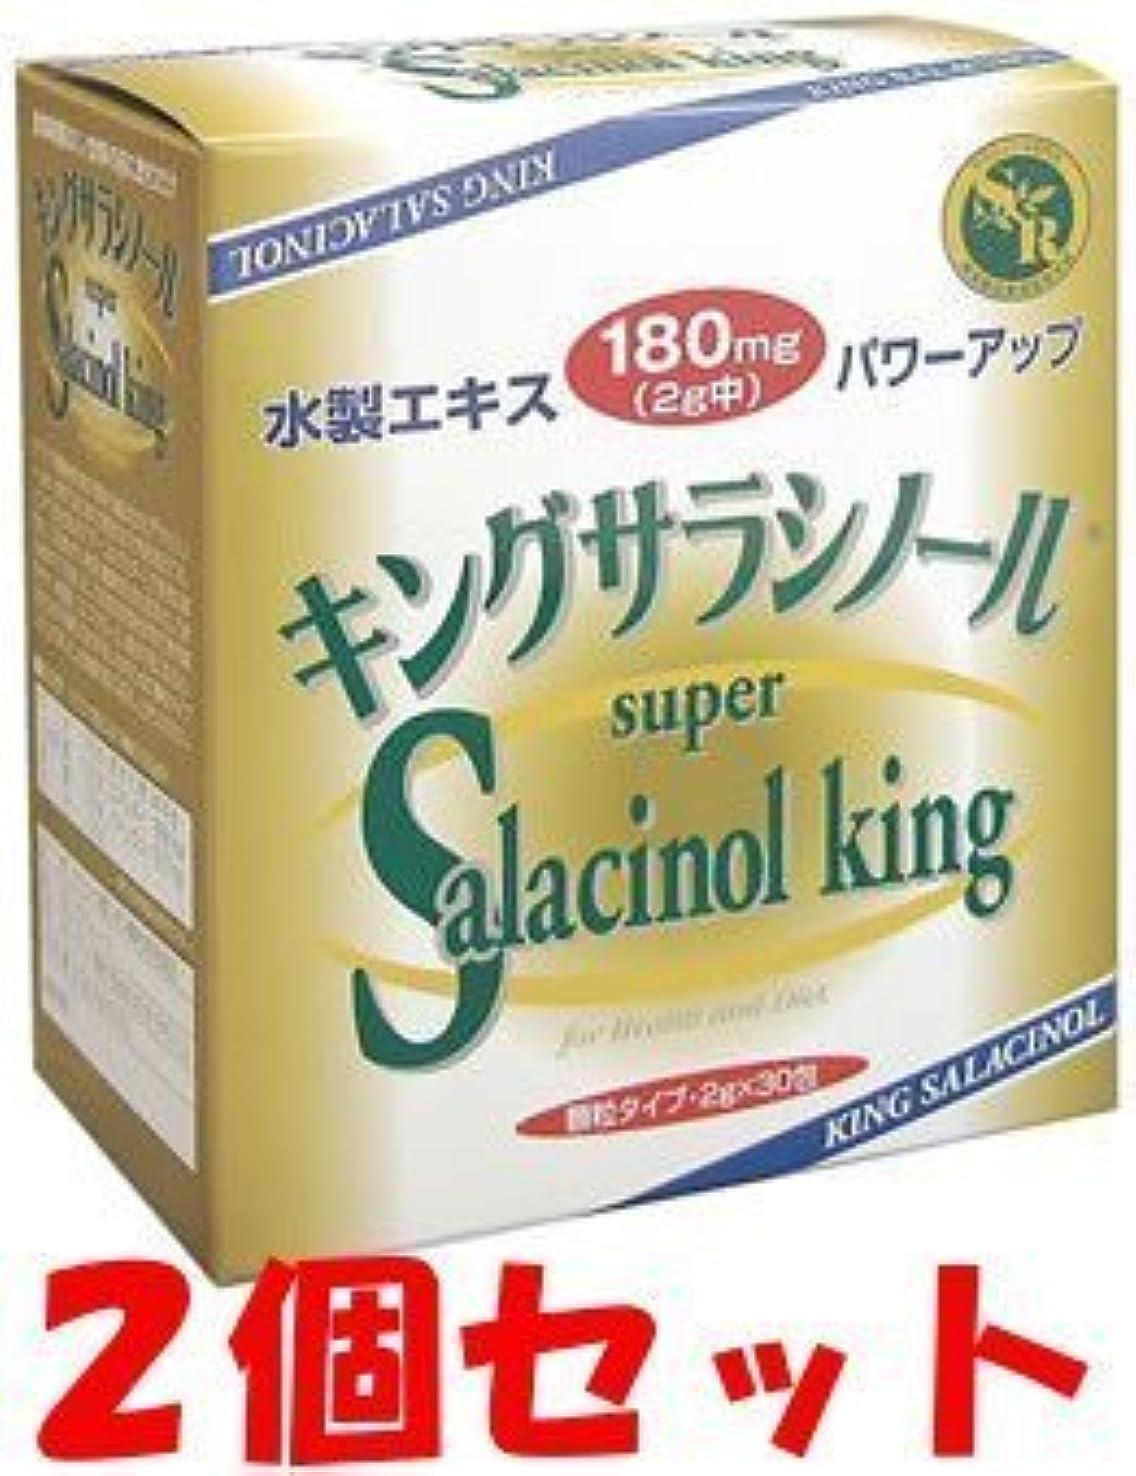 タバコ土地意義【2個セット】キングサラシノール 30包